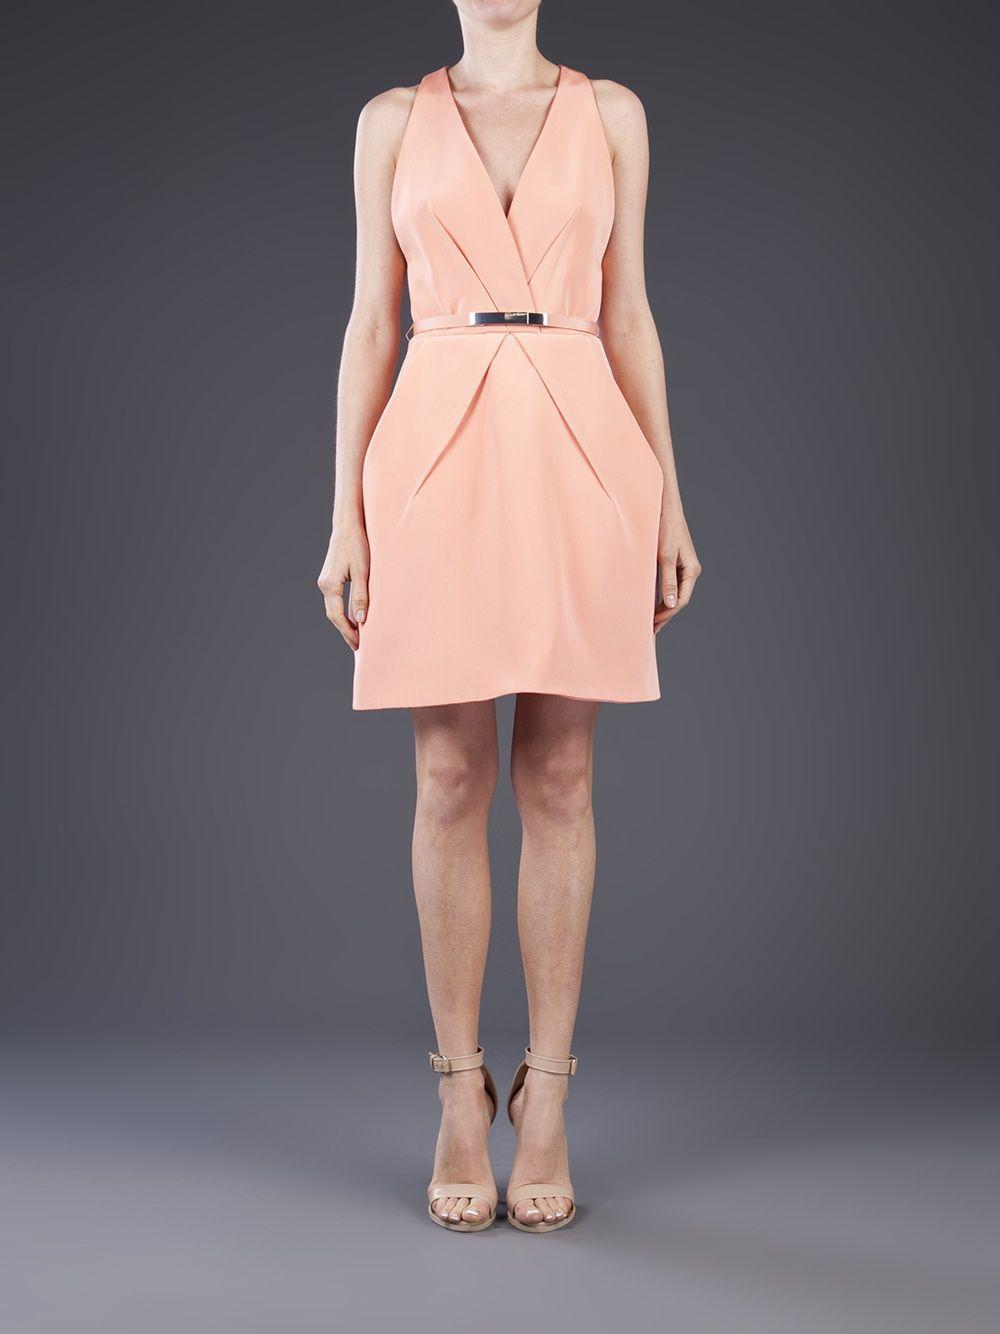 Kaufmanfranco belted short dress dresses pinterest best belted